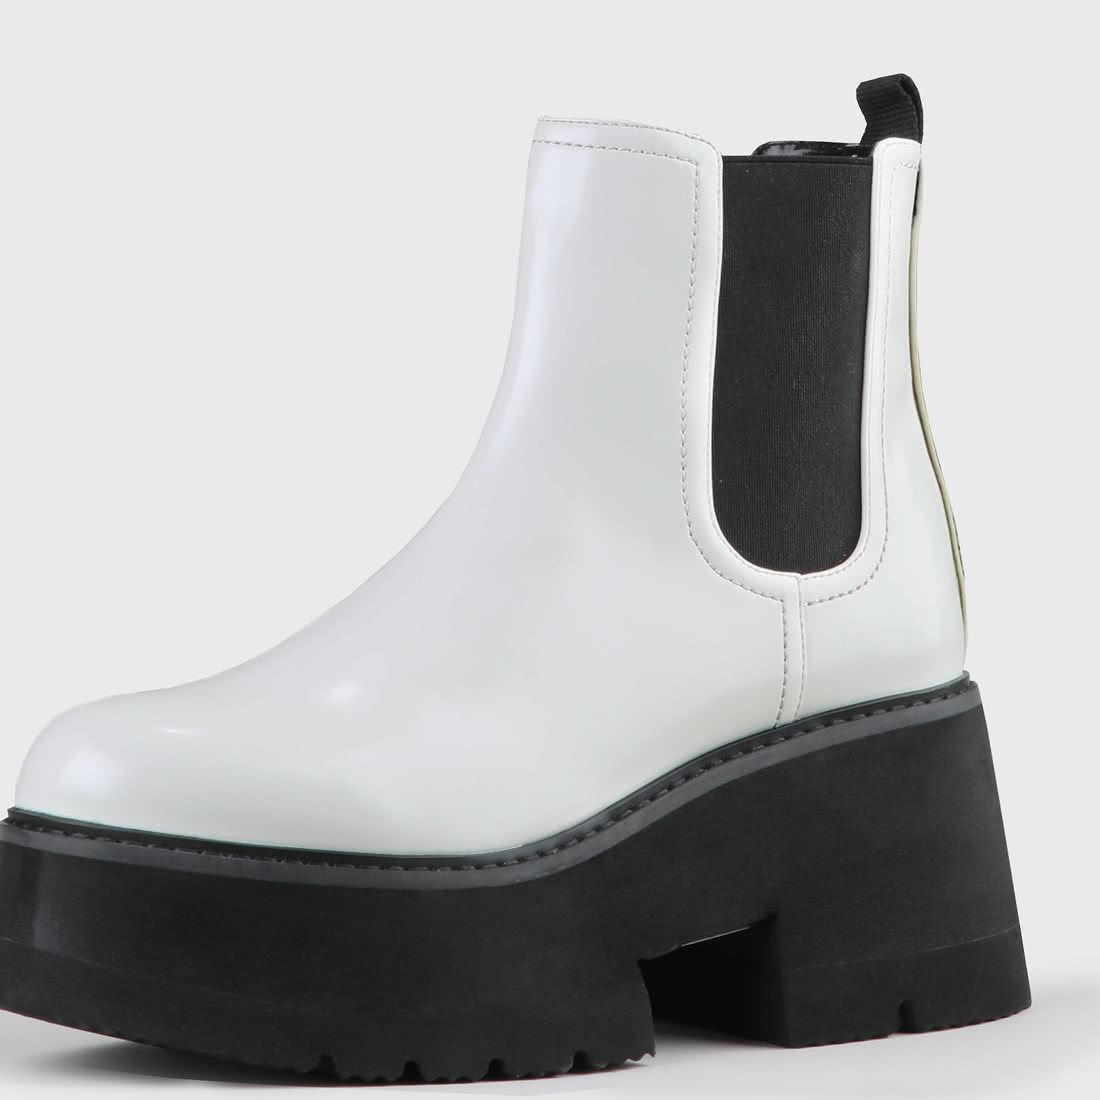 brand new 72e17 64cf2 Fita Chelsea-Boot aus Kunstleder schwarz-weiß